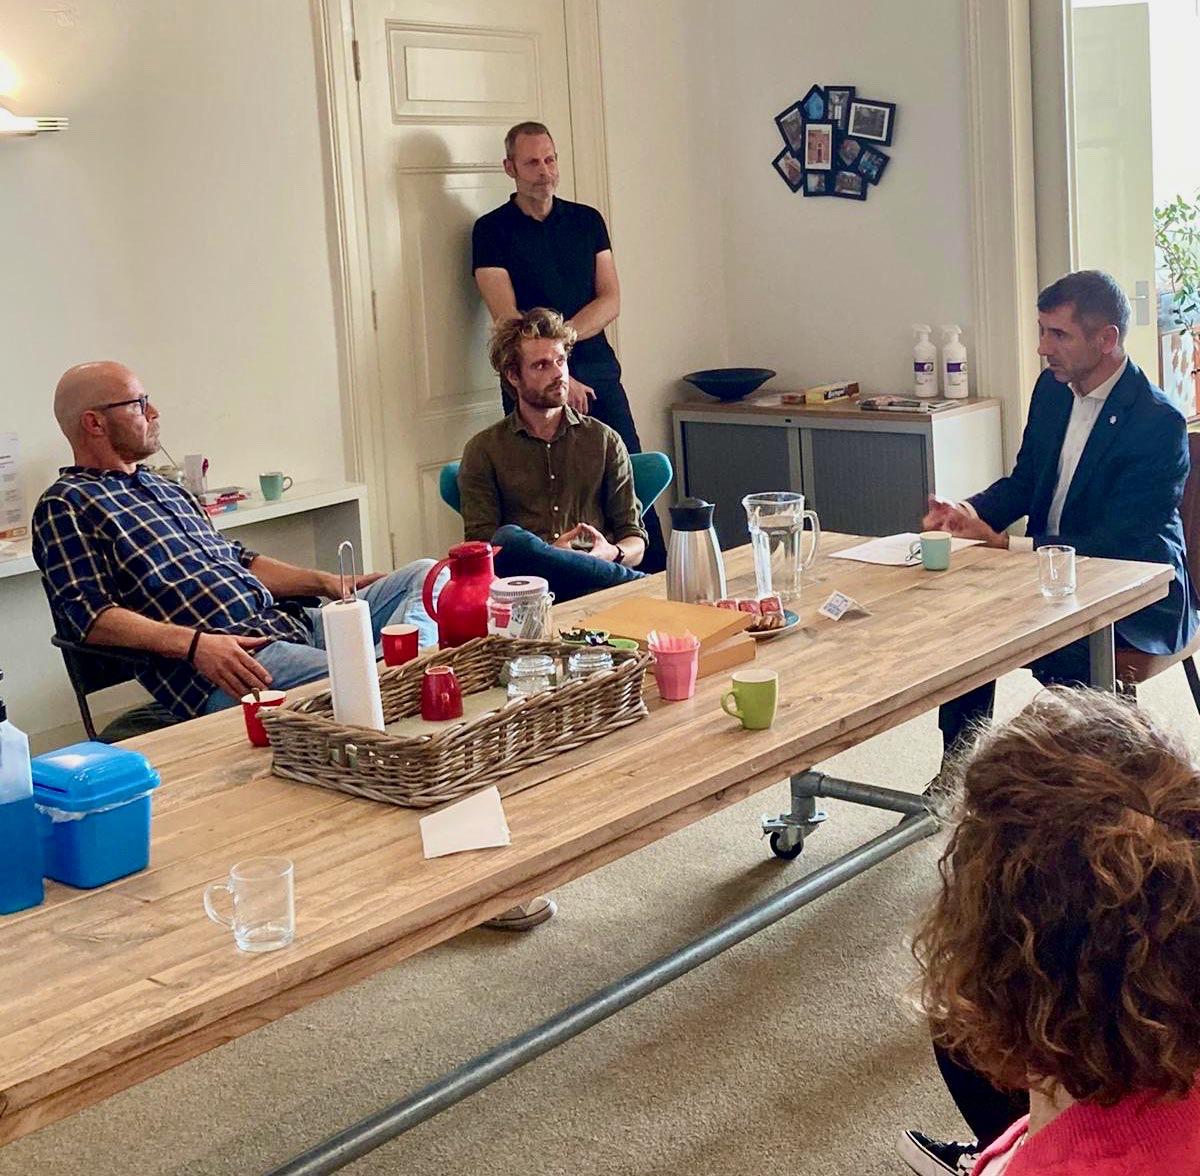 Staatssecretaris Paul Blokhuis brengt bezoek aan Praktijkhuis Ixta Noa